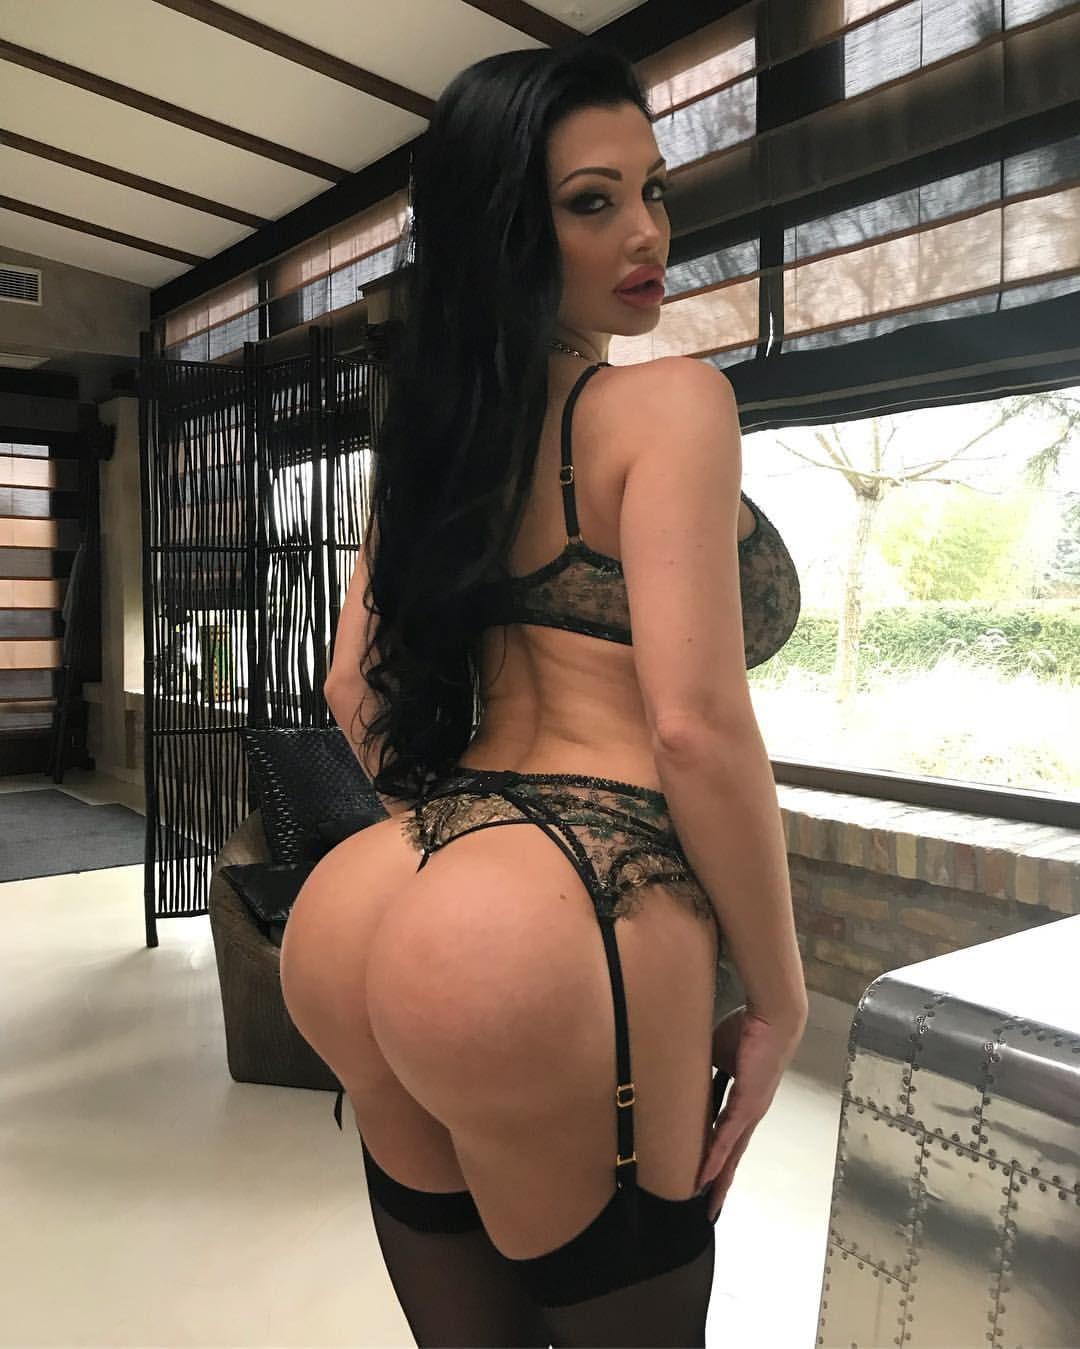 Lana rhoades ass implants